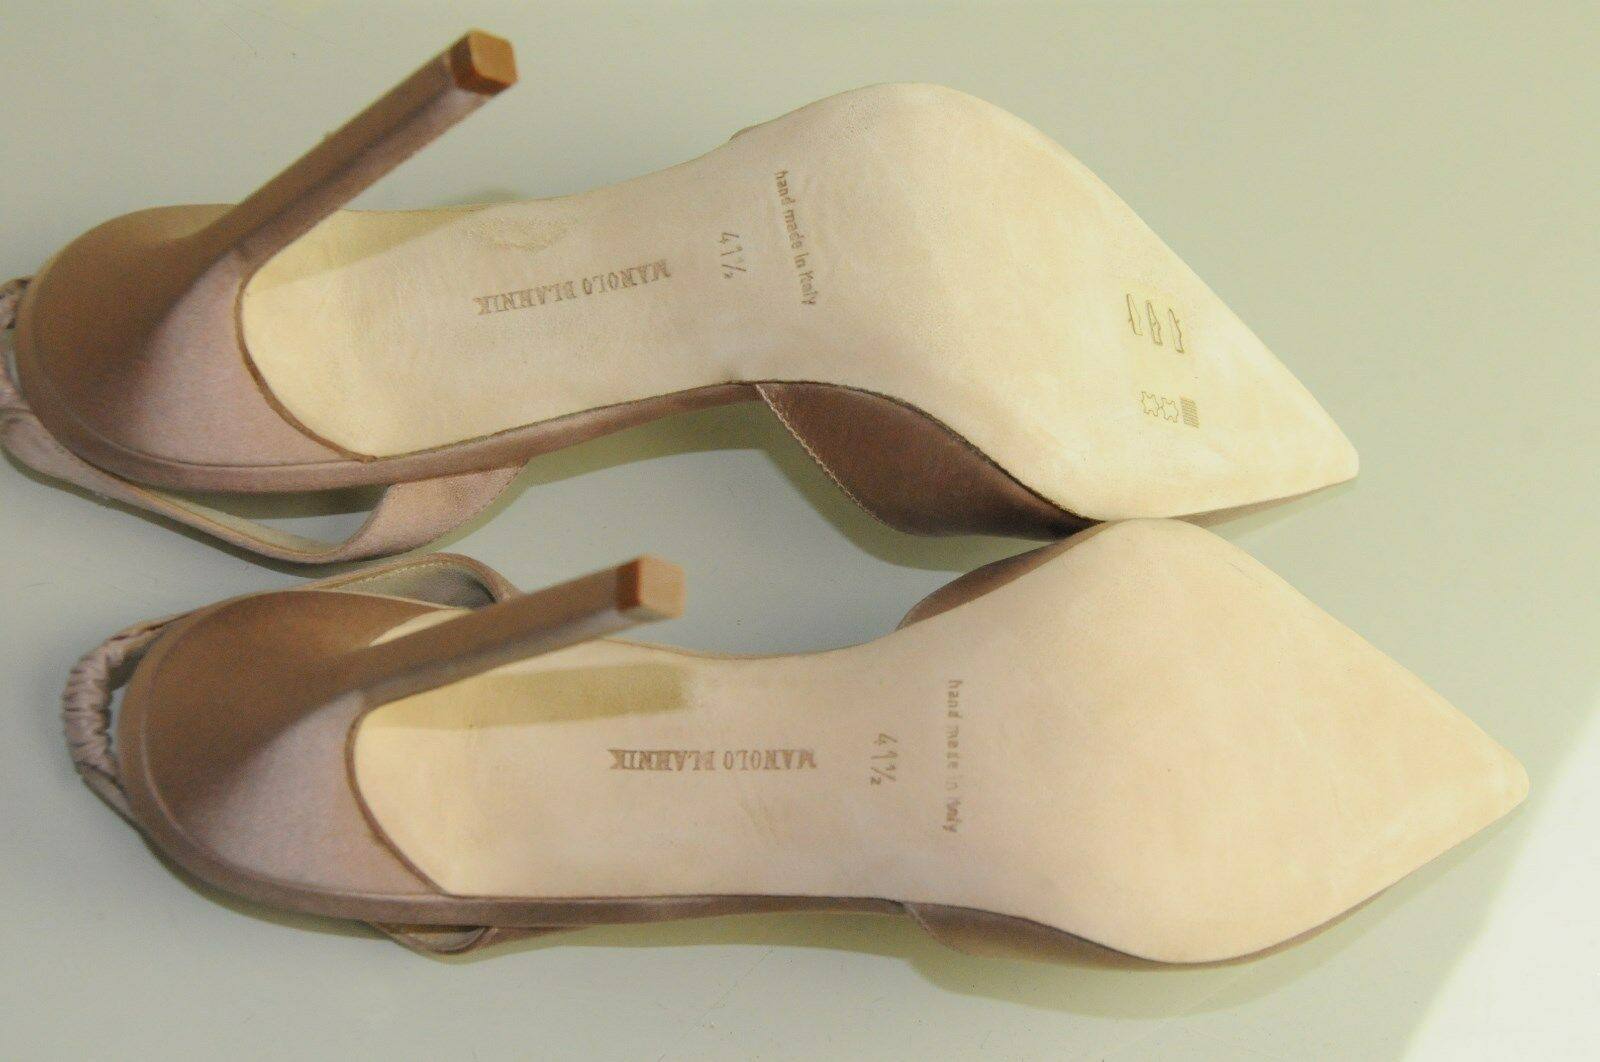 New MANOLO BLAHNIK BLAHNIK BLAHNIK  Carolyne Beige Nude Satin chaussures 42 41.5 fc00c2